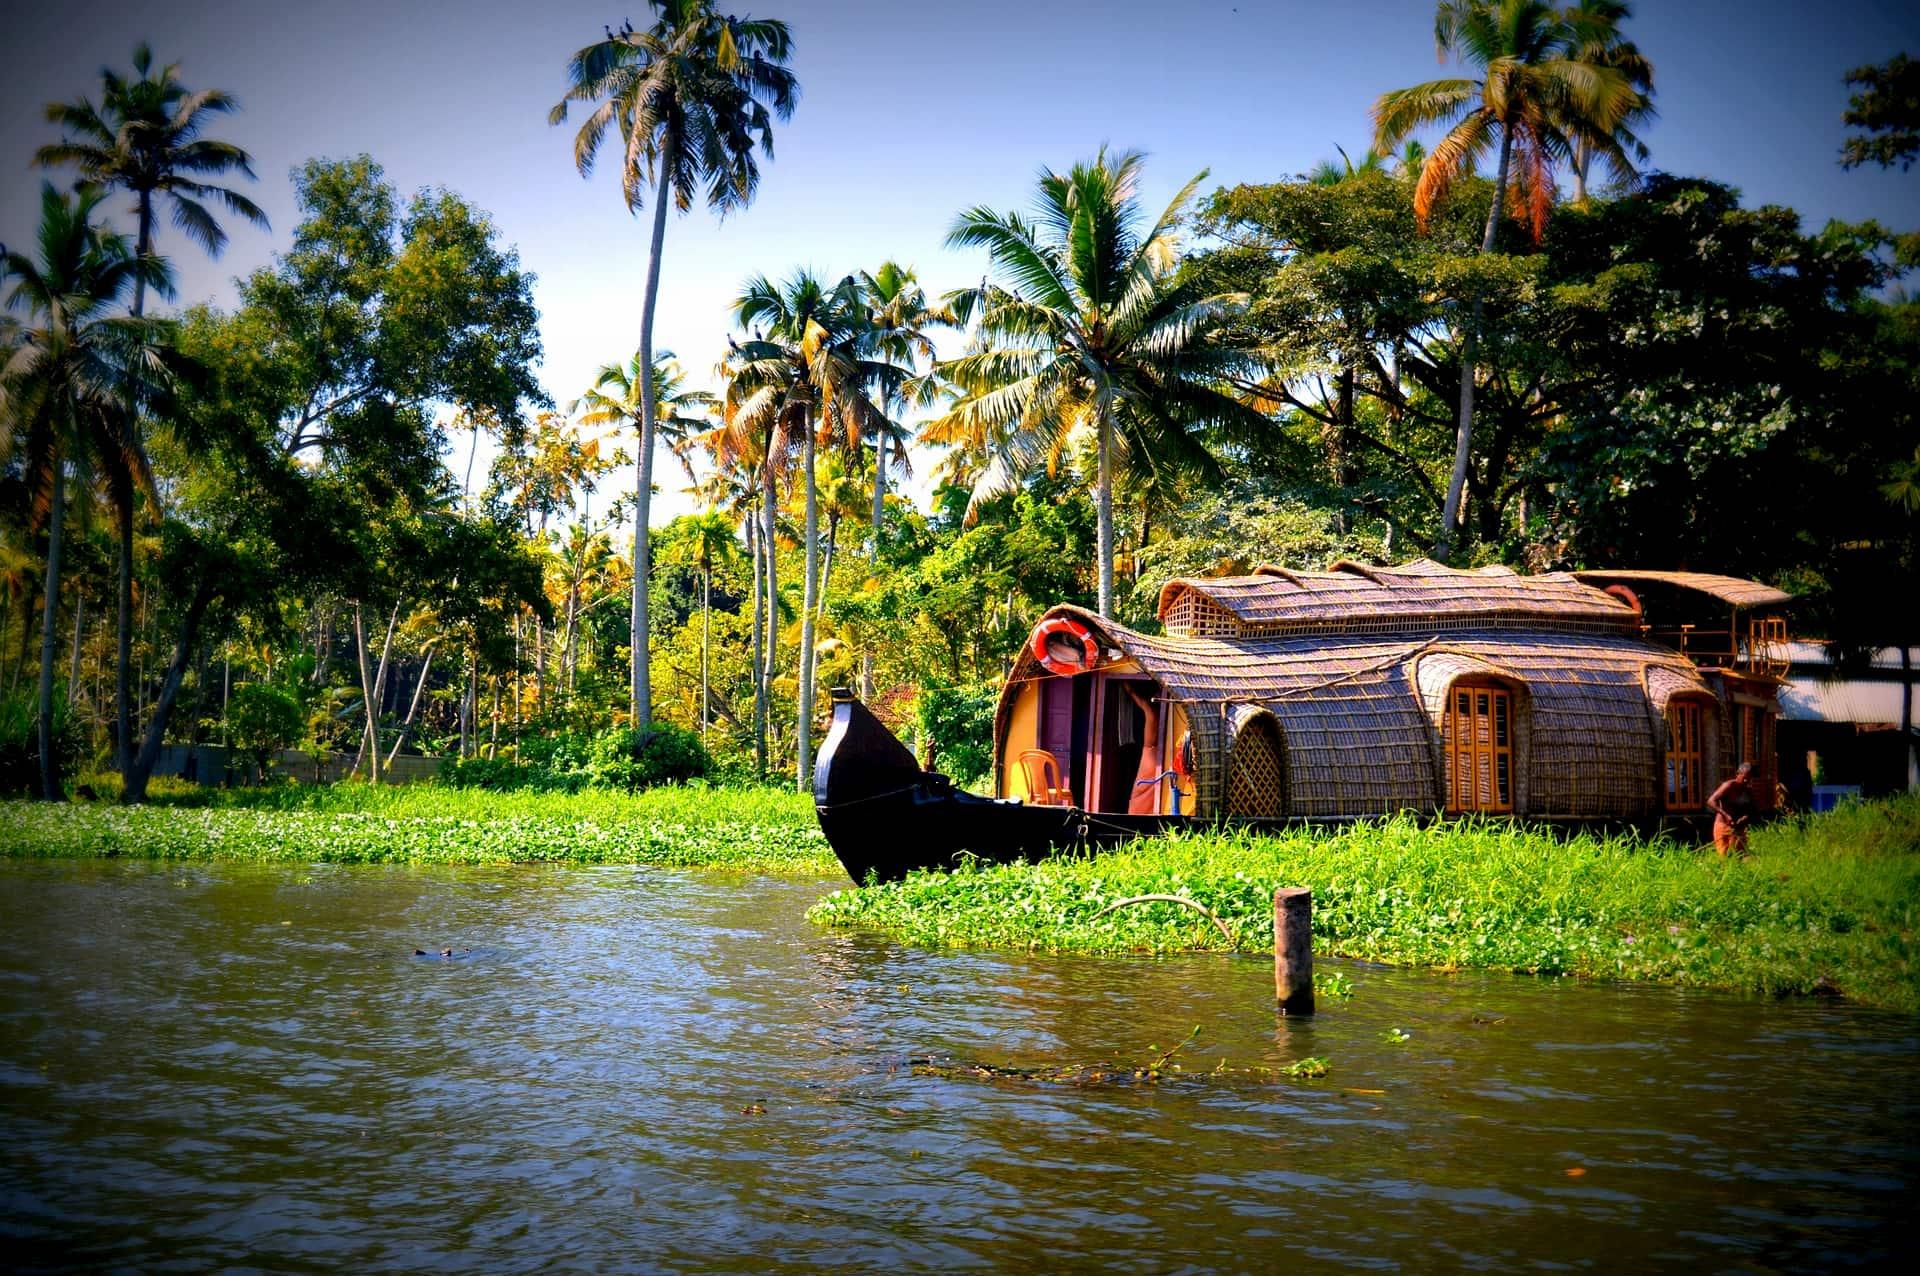 Asia - India - Kerala